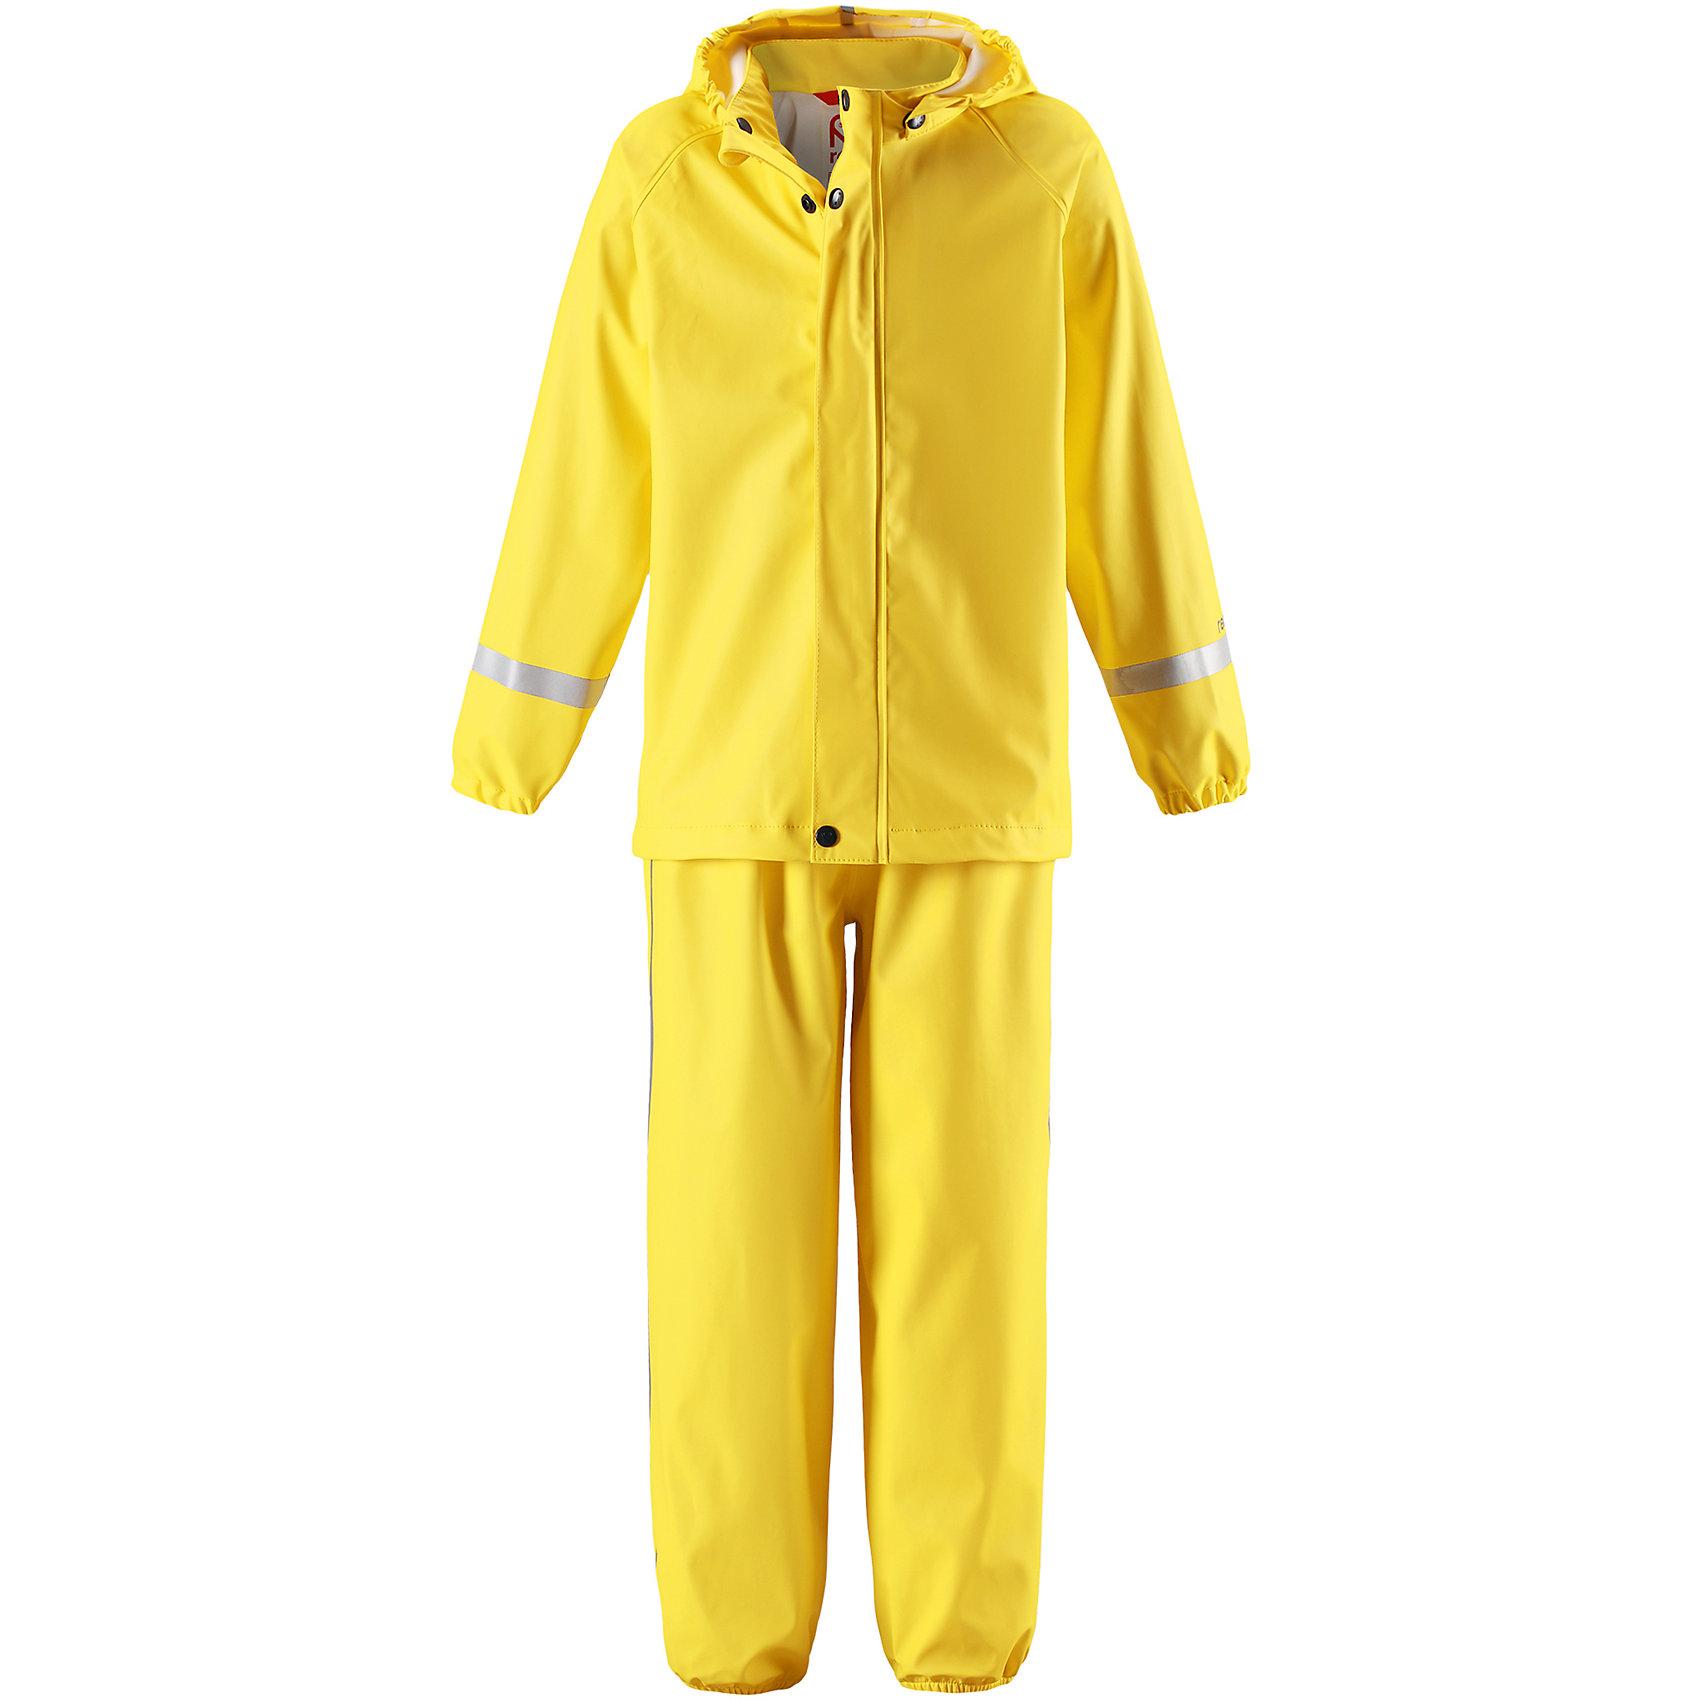 Непромокаемый комплект Viima: куртка и брюки ReimaХарактеристики товара:<br><br>• цвет: желтый<br>• состав: 100% полиэстер, полиуретановое покрытие<br>• температурный режим: от +10°до +20°С<br>• водонепроницаемость: 10000 мм<br>• без утеплителя<br>• комплектация: куртка, штаны<br>• эластичный материал<br>• водонепроницаемый материал с запаянными швами<br>• не содержит ПВХ<br>• безопасный съемный капюшон<br>• эластичные манжеты <br>• обхват талии эластичный<br>• эластичные манжеты на брючинах<br>• комфортная посадка<br>• съемные штрипки в размерах от 104 до 128 см<br>• молния спереди<br>• светоотражающие детали<br>• страна производства: Китай<br>• страна бренда: Финляндия<br>• коллекция: весна-лето 2017<br><br>Демисезонный комплект из куртки и штанов поможет обеспечить ребенку комфорт и тепло. Предметы отлично смотрятся с различной одеждой. Комплект удобно сидит и модно выглядит. Материал отлично подходит для дождливой погоды. Стильный дизайн разрабатывался специально для детей.<br><br>Обувь и одежда от финского бренда Reima пользуются популярностью во многих странах. Они стильные, качественные и удобные. Для производства продукции используются только безопасные, проверенные материалы и фурнитура. Порадуйте ребенка модными и красивыми вещами от Lassie®! <br><br>Комплект: куртка и брюки для мальчика от финского бренда Reima (Рейма) можно купить в нашем интернет-магазине.<br><br>Ширина мм: 356<br>Глубина мм: 10<br>Высота мм: 245<br>Вес г: 519<br>Цвет: желтый<br>Возраст от месяцев: 108<br>Возраст до месяцев: 120<br>Пол: Унисекс<br>Возраст: Детский<br>Размер: 140,128,116,122,134<br>SKU: 5268228